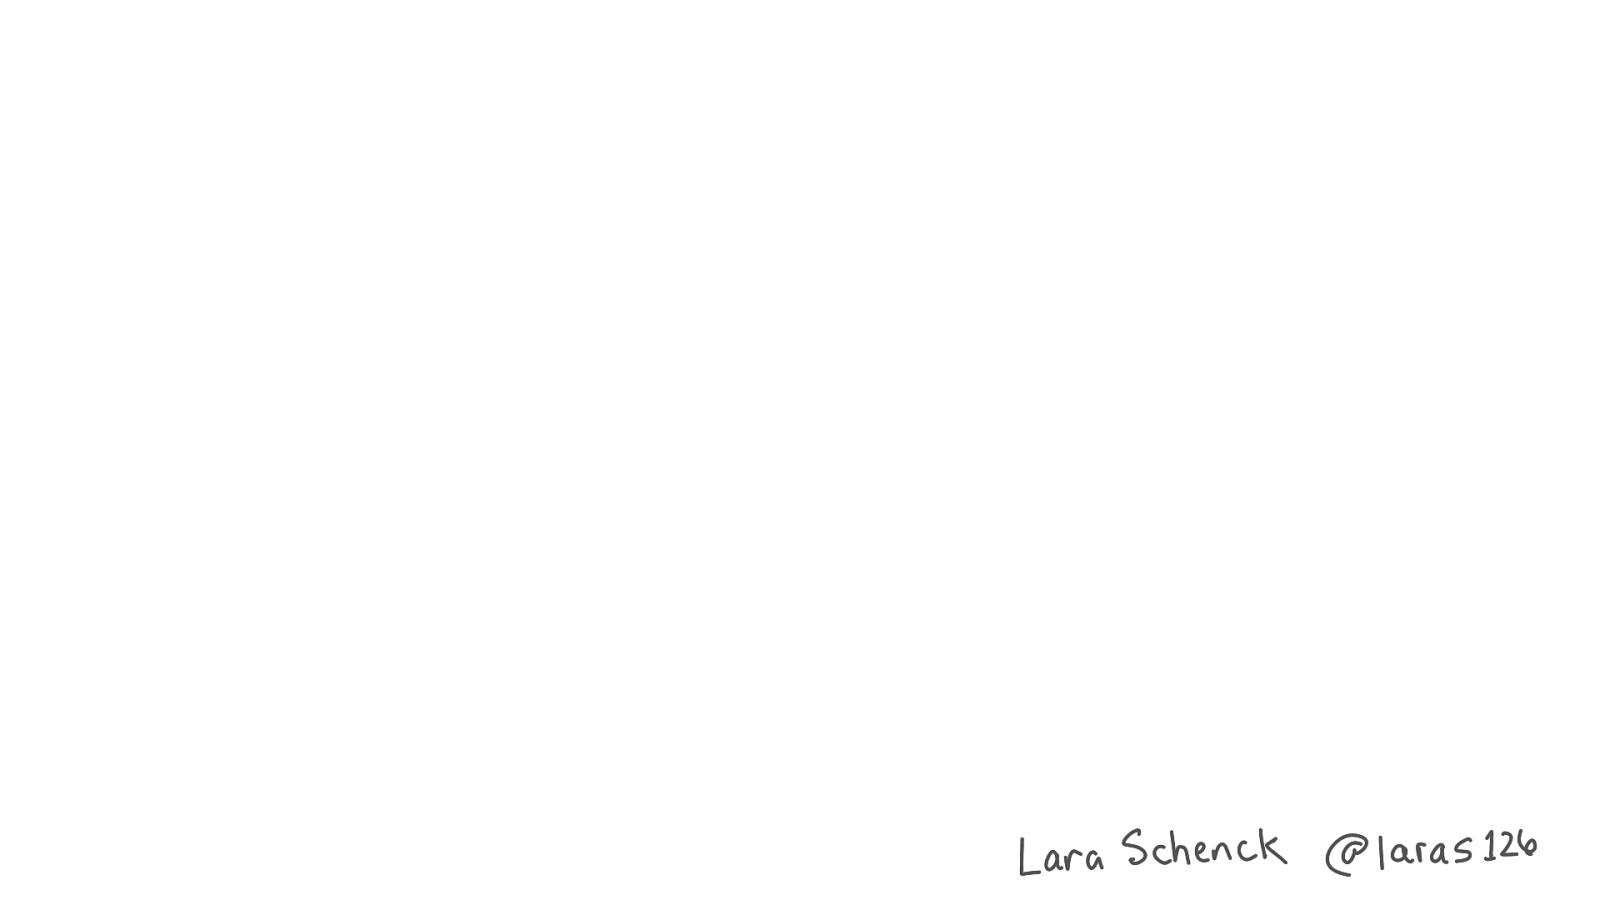 Slide 199